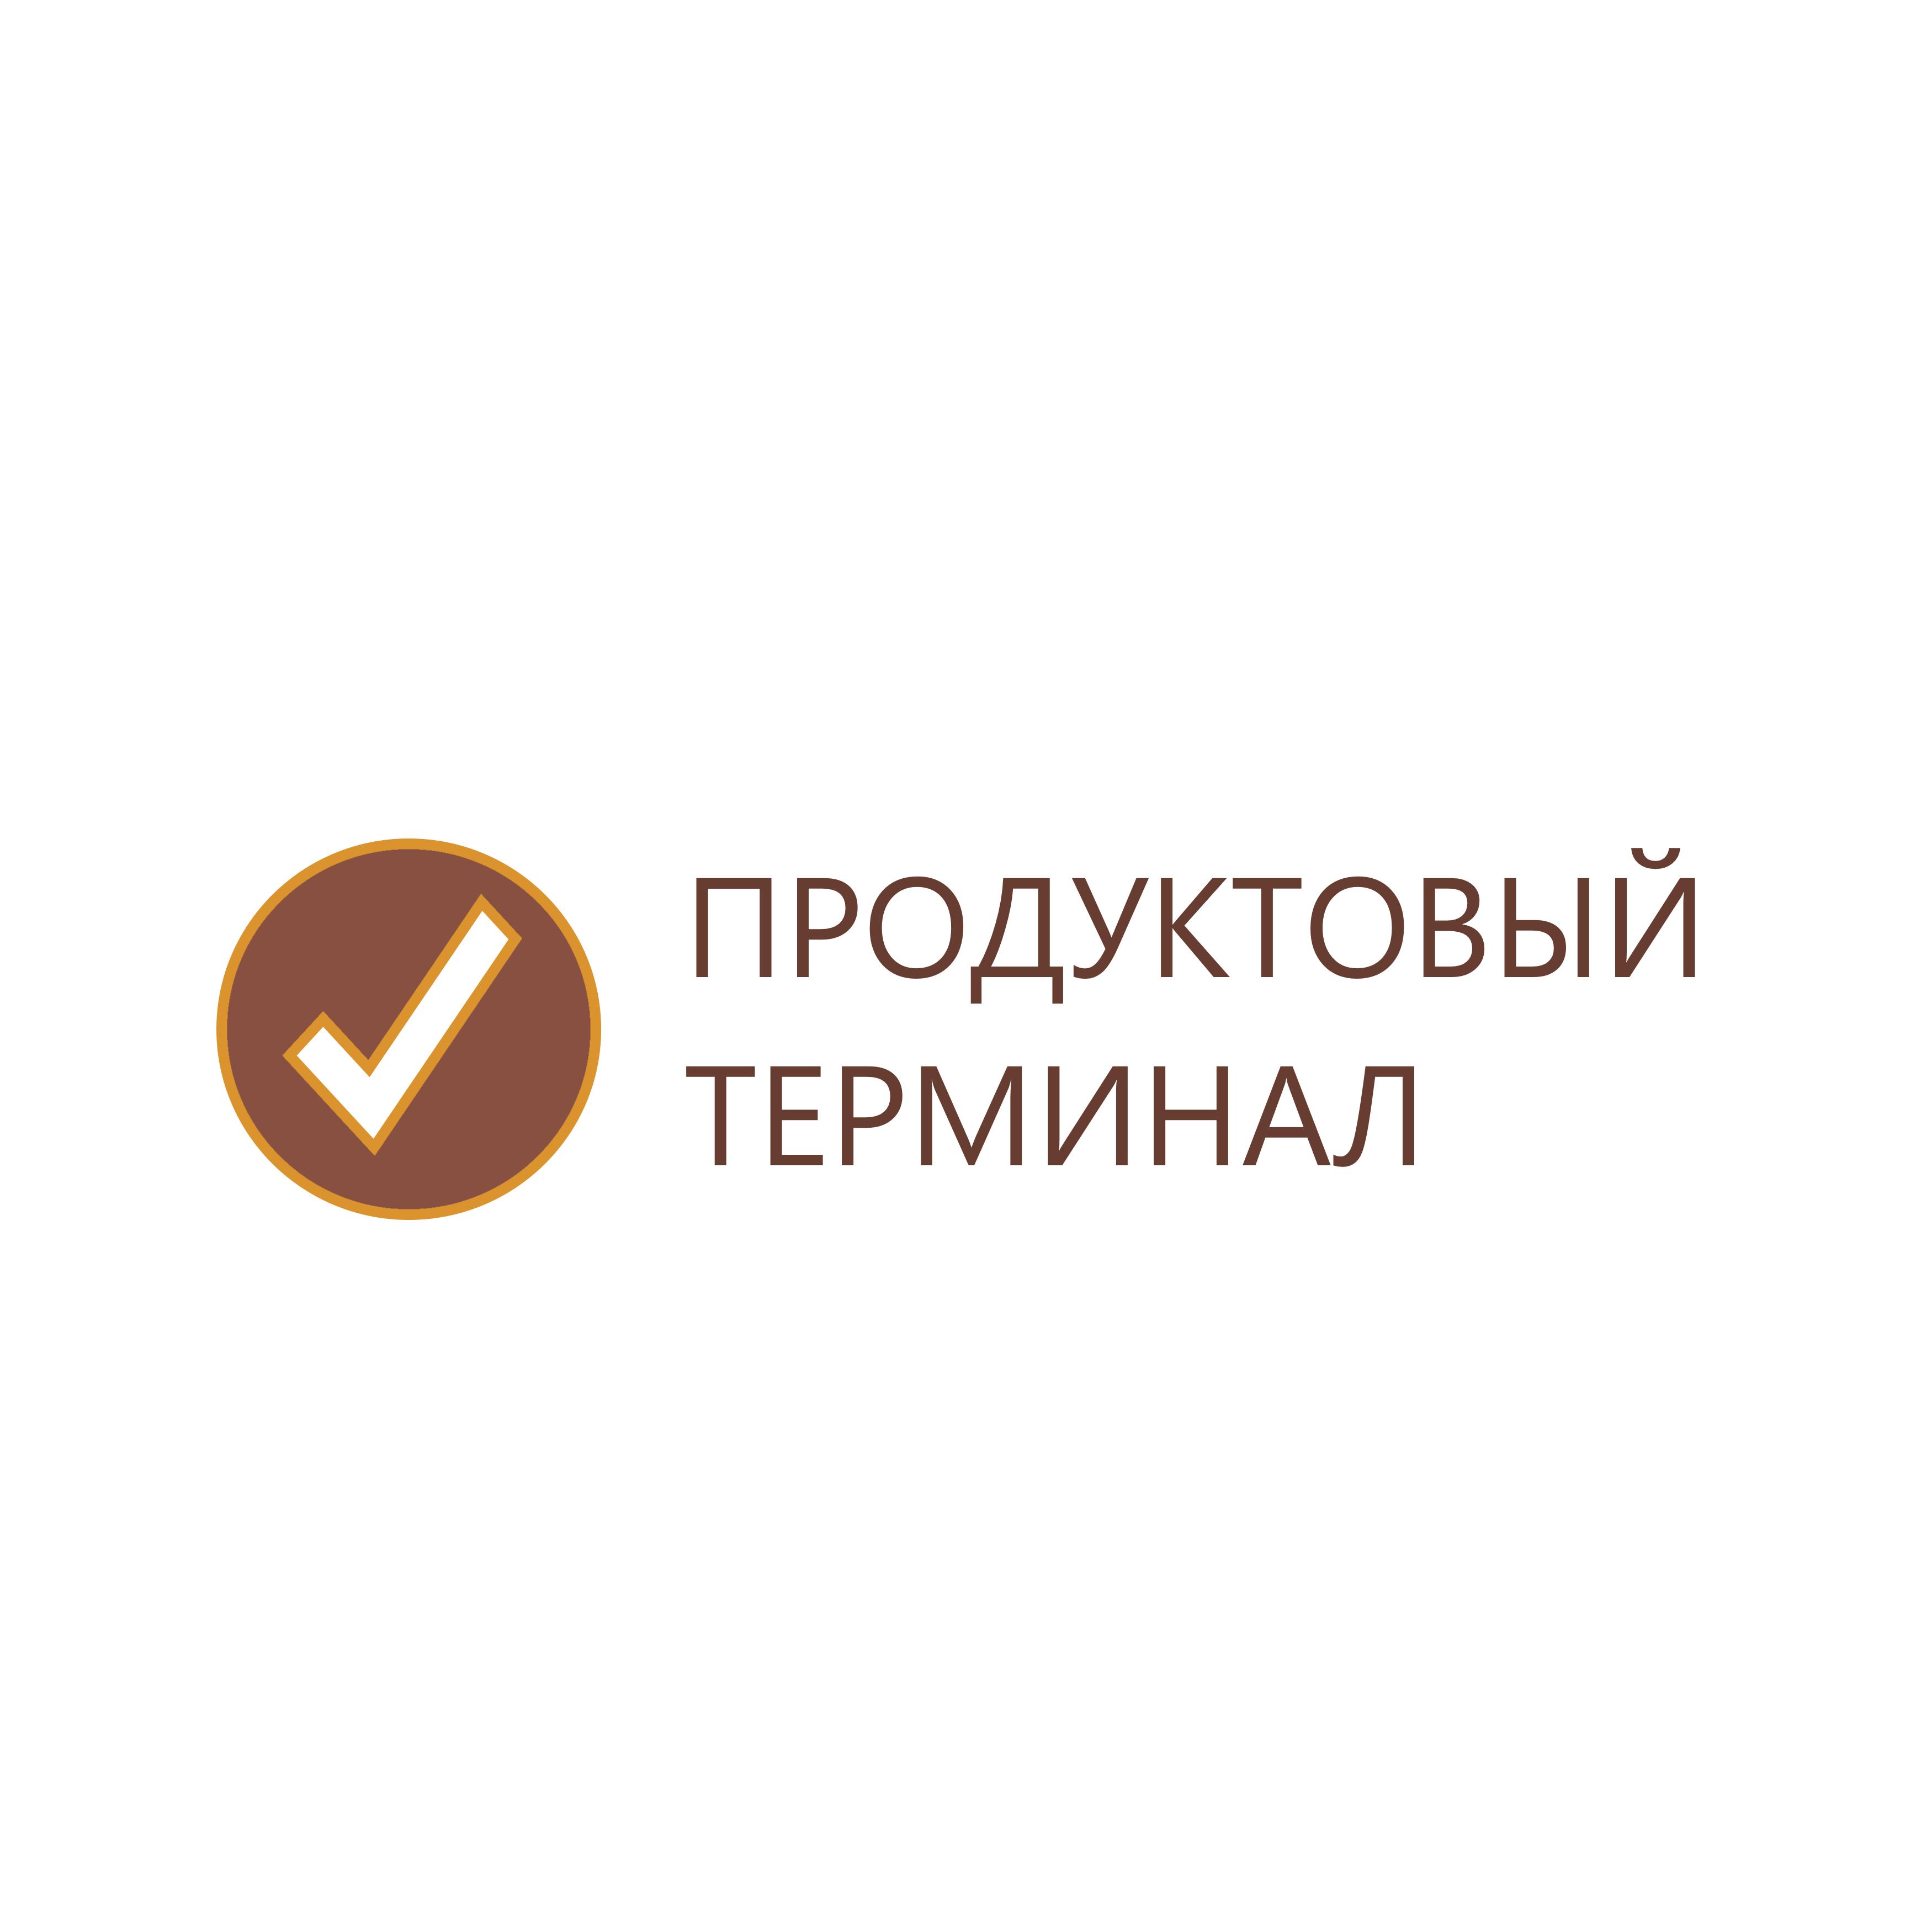 Логотип для сети продуктовых магазинов фото f_24456f94ea861bc0.png